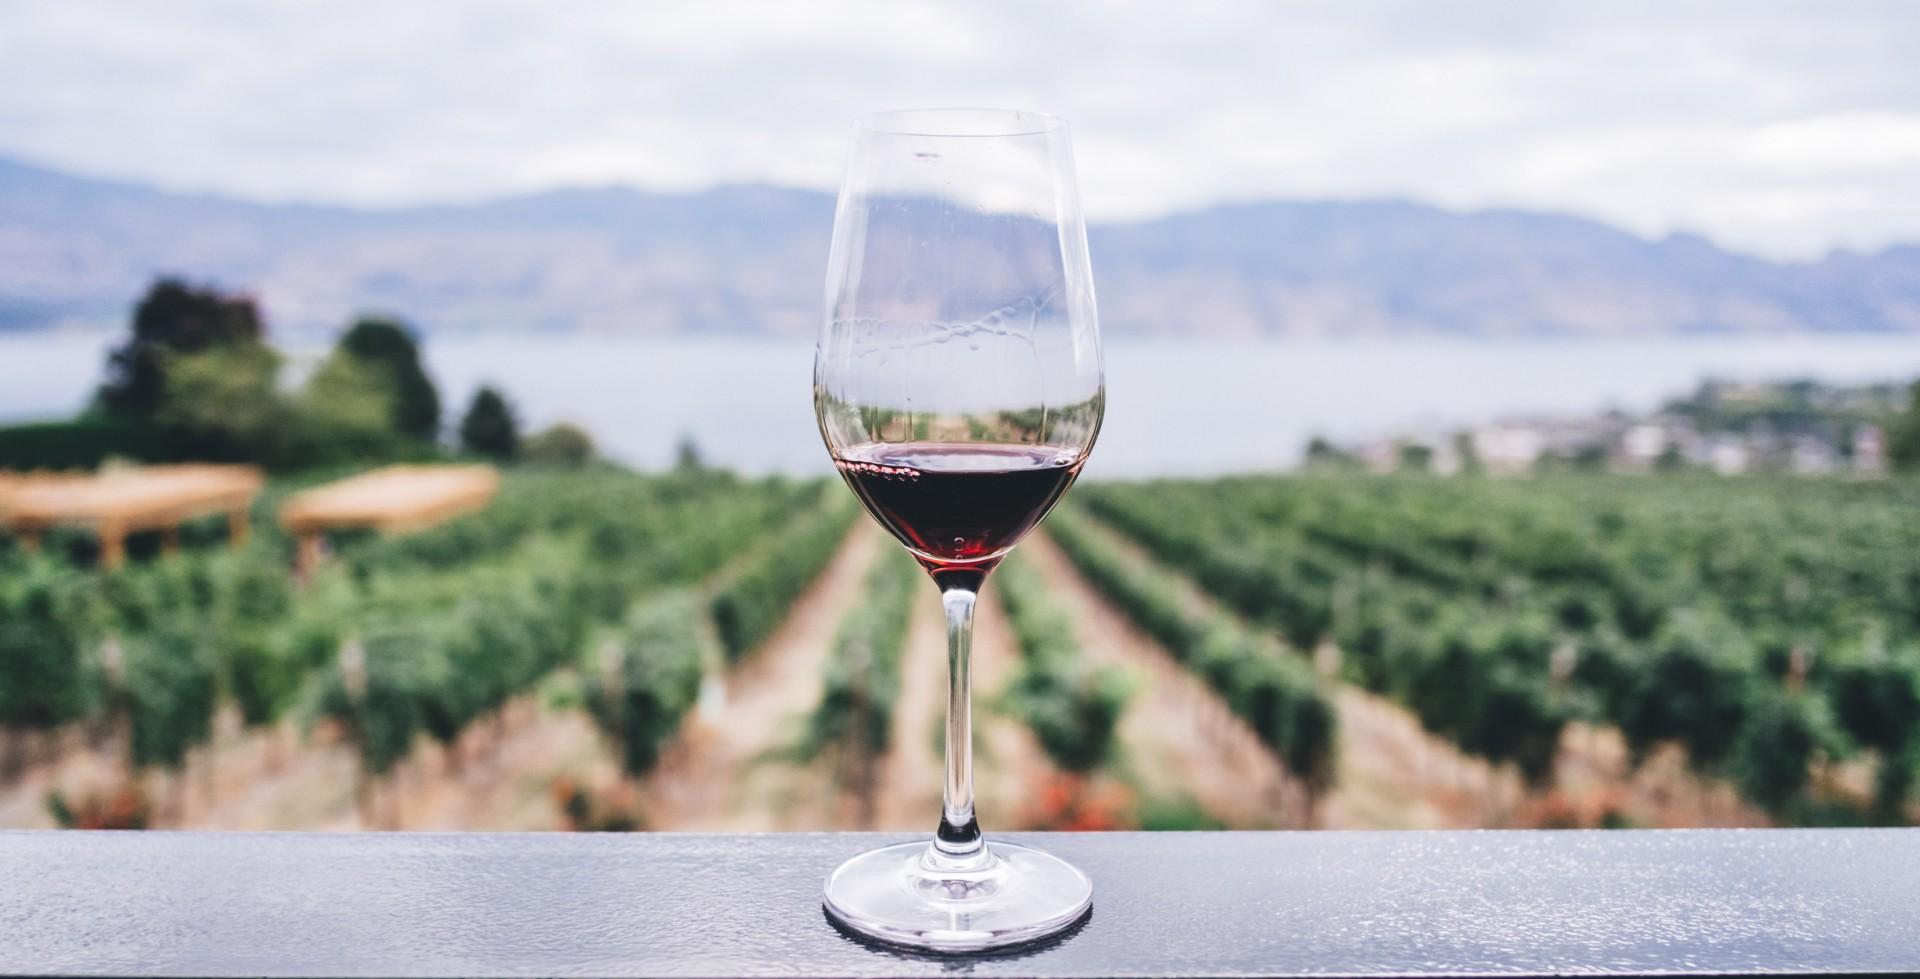 Copa de vino tinto en primer plano, mientras de fondo se ven los viñedos